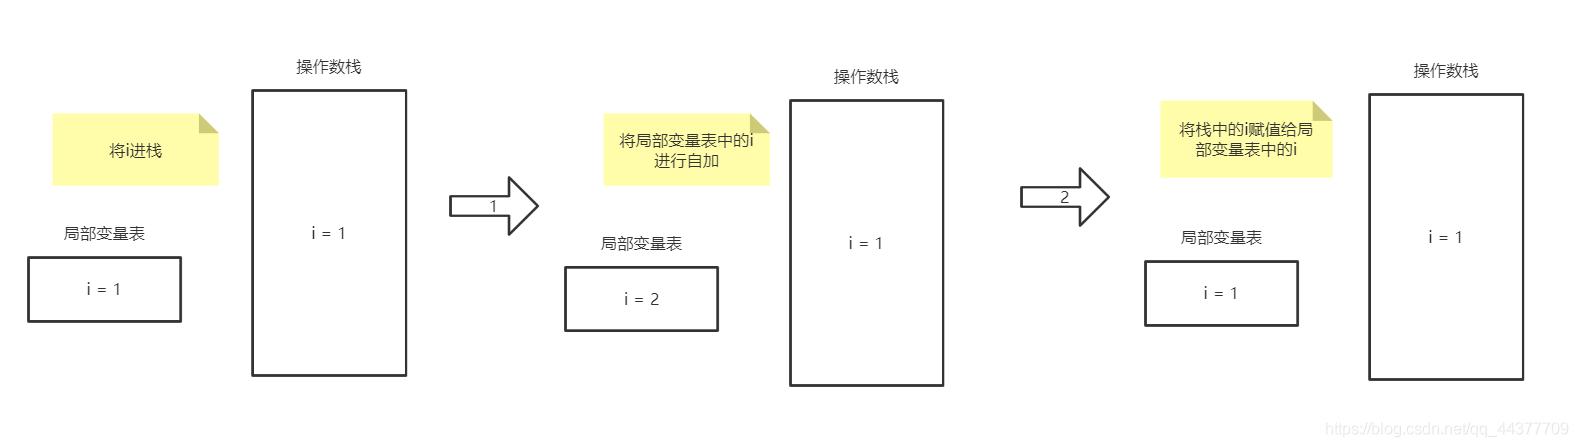 [外链图片转存失败,源站可能有防盗链机制,建议将图片保存下来直接上传(img-bLH5OxNN-1591687148749)(01_自增变量.assets/image-20200607104123111.png)]